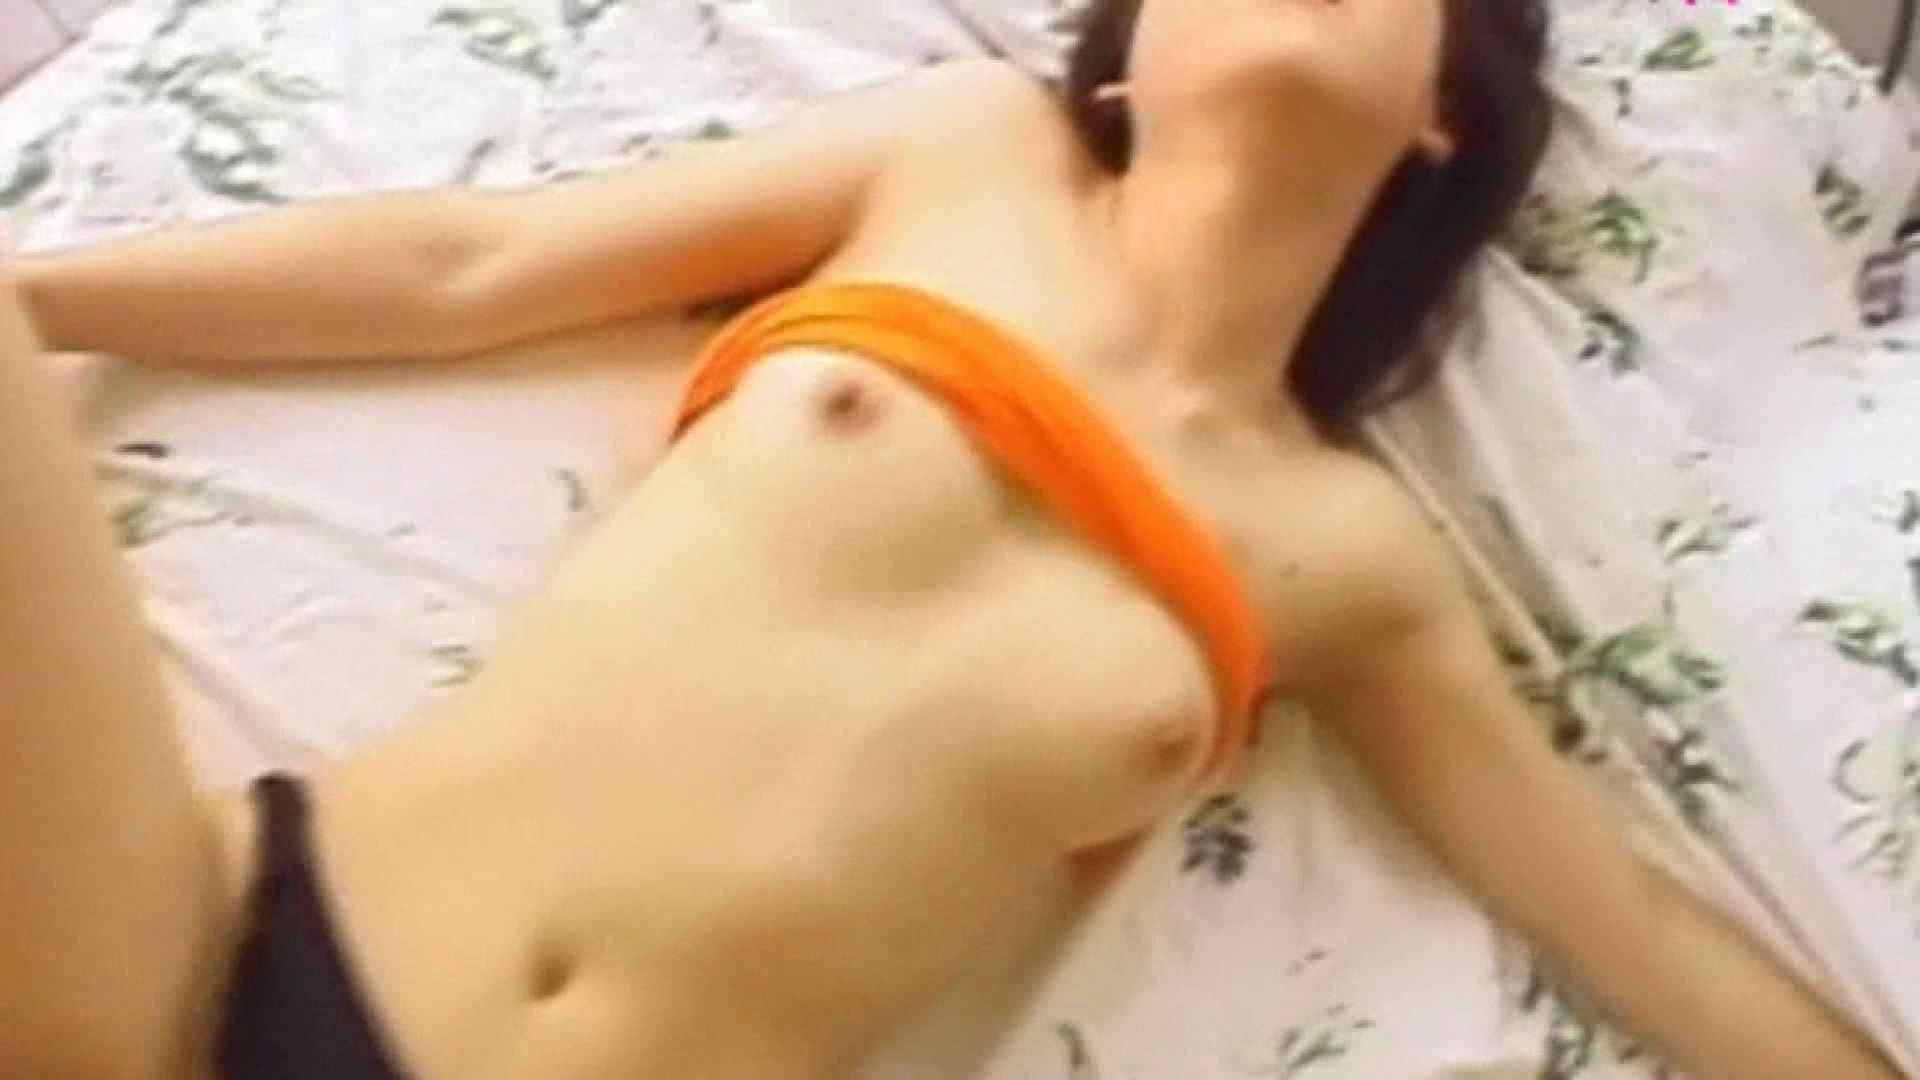 おしえてギャル子のH塾 Vol.14 前編 細身   OLヌード天国  110PIX 106